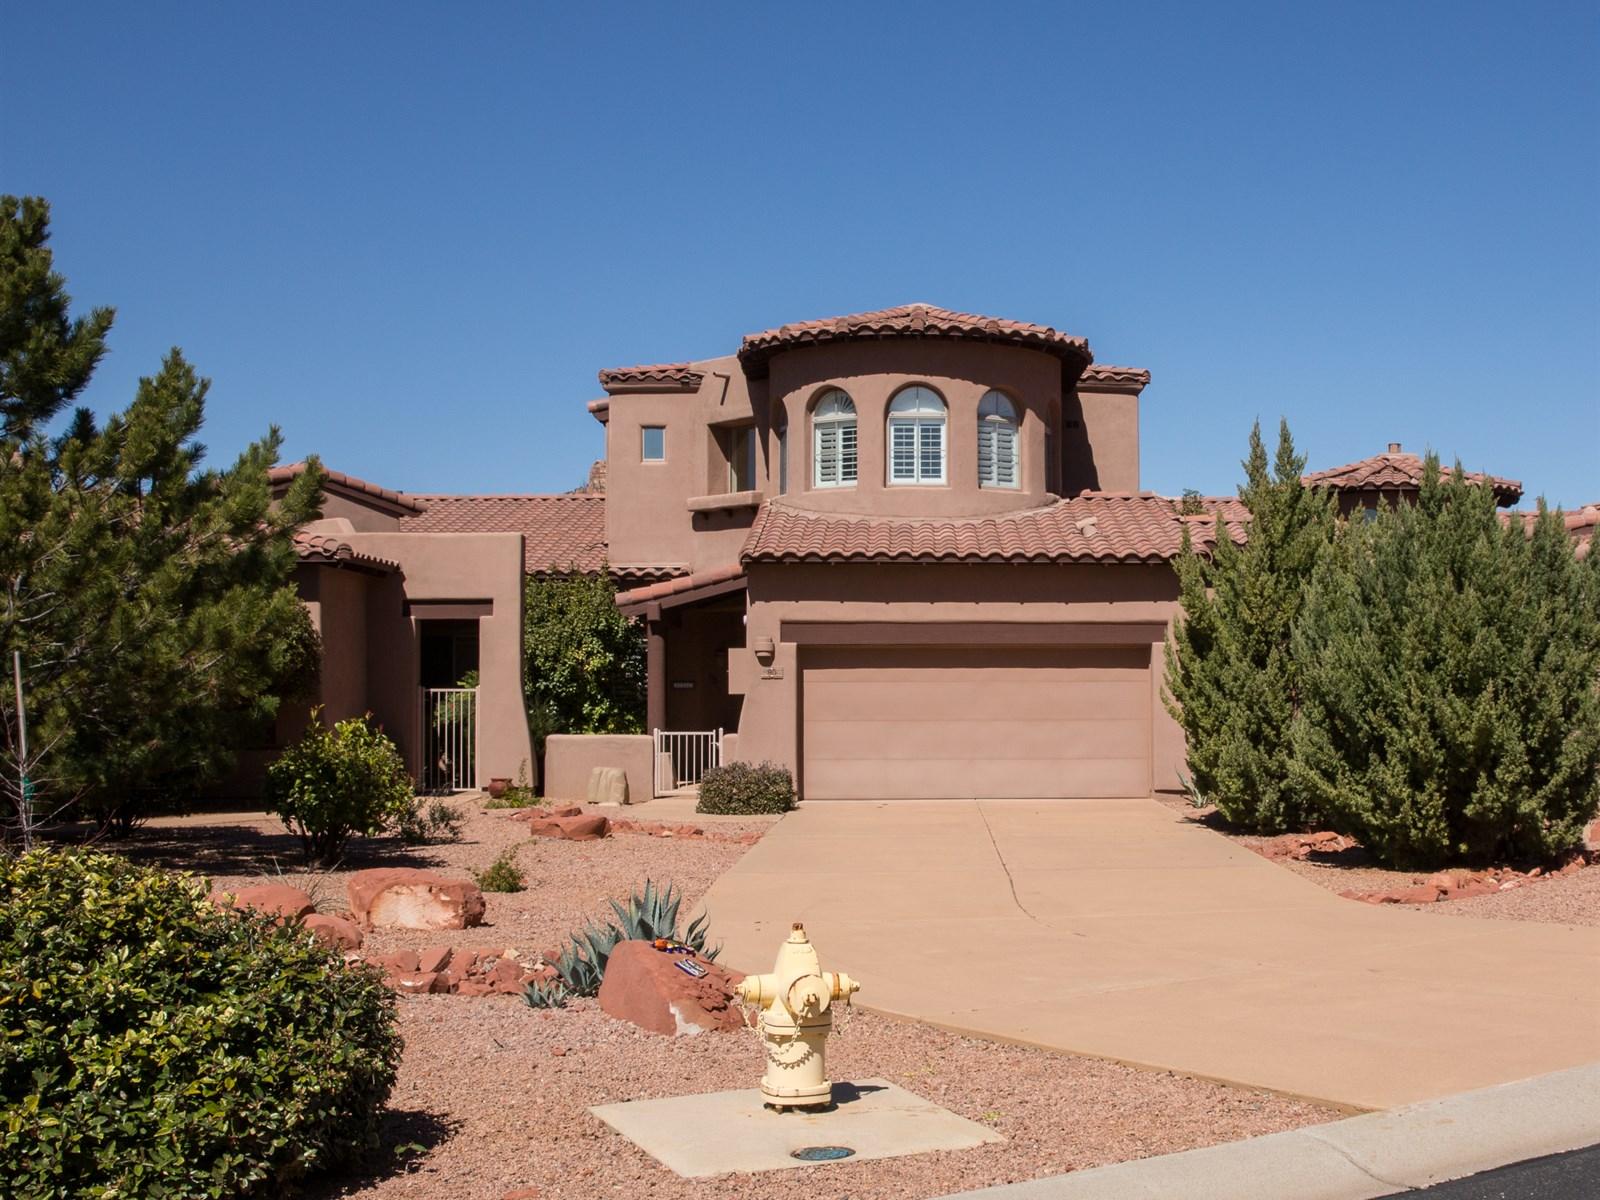 Tek Ailelik Ev için Satış at Perfect Sedona Getaway 80 Rio Sinagua Sedona, Arizona 86351 Amerika Birleşik Devletleri